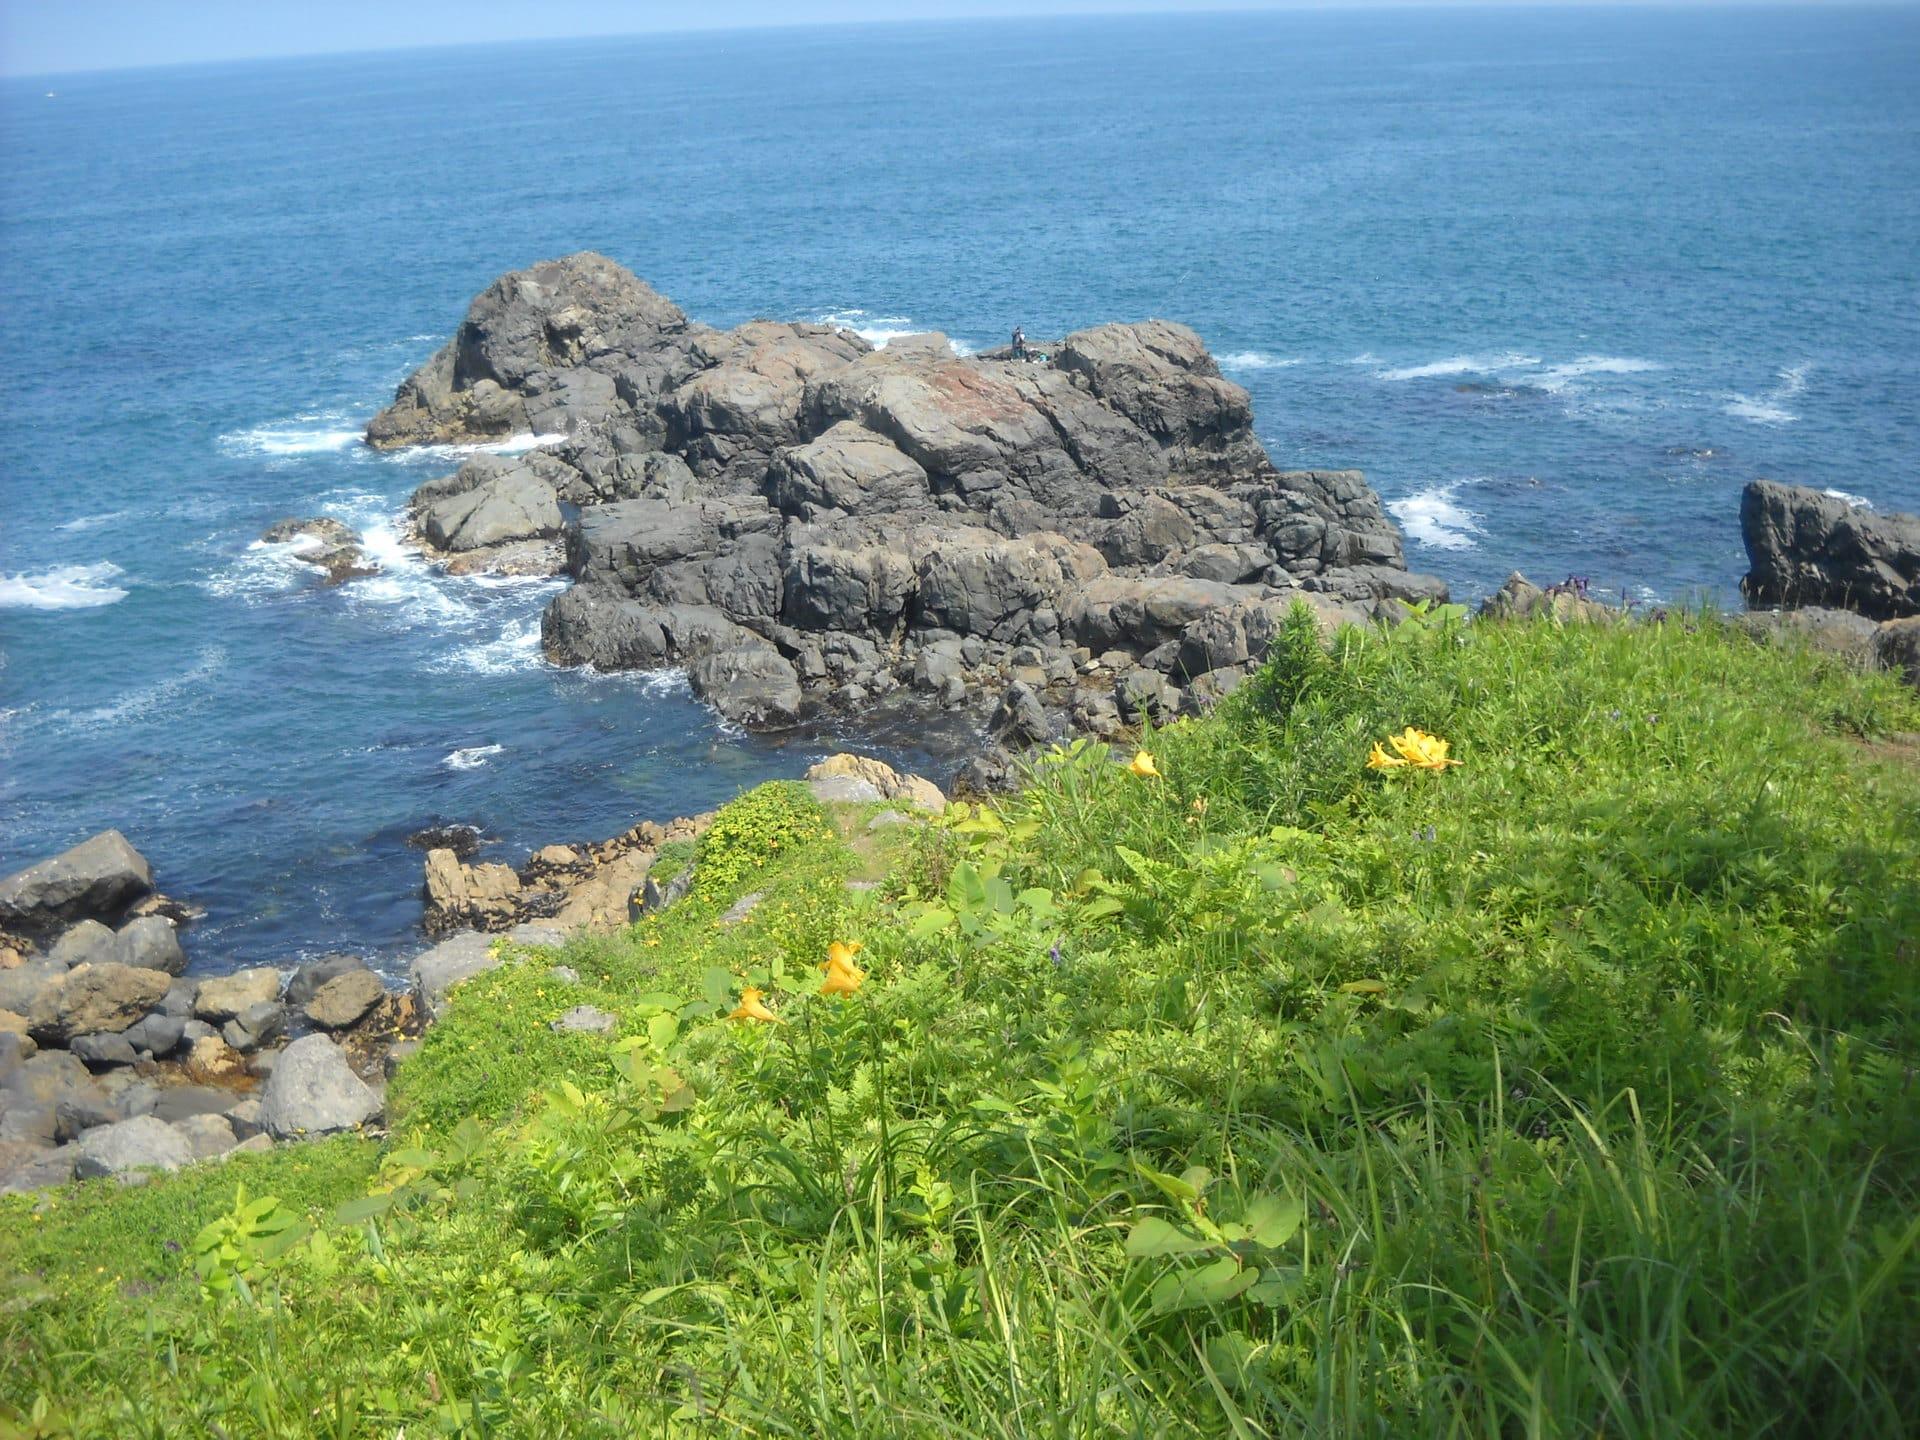 種差海岸と司馬遼太郎 - 花と山歩き